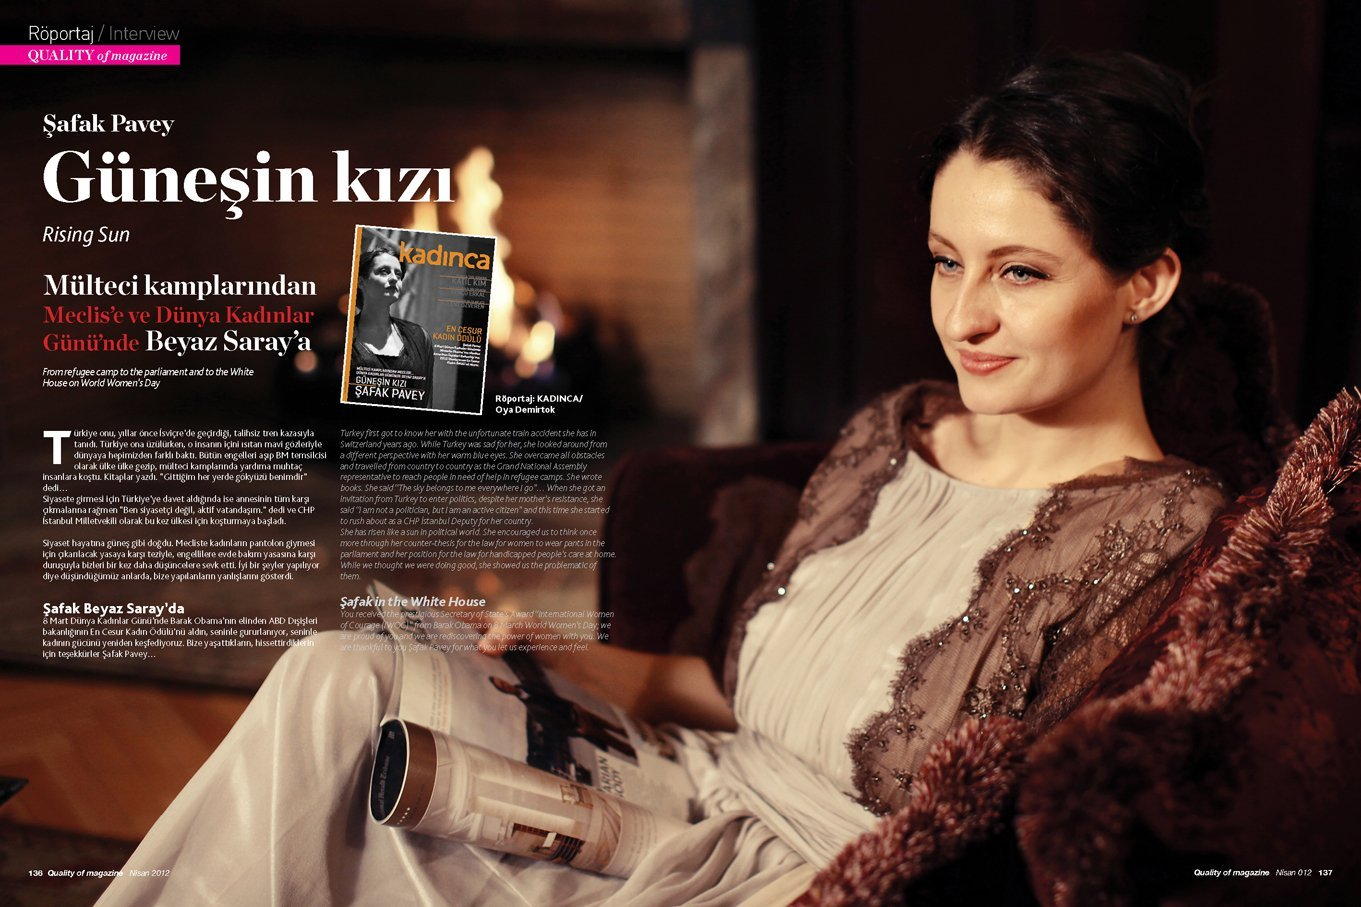 KADINCA ÖZEL ŞAFAK PAVEY